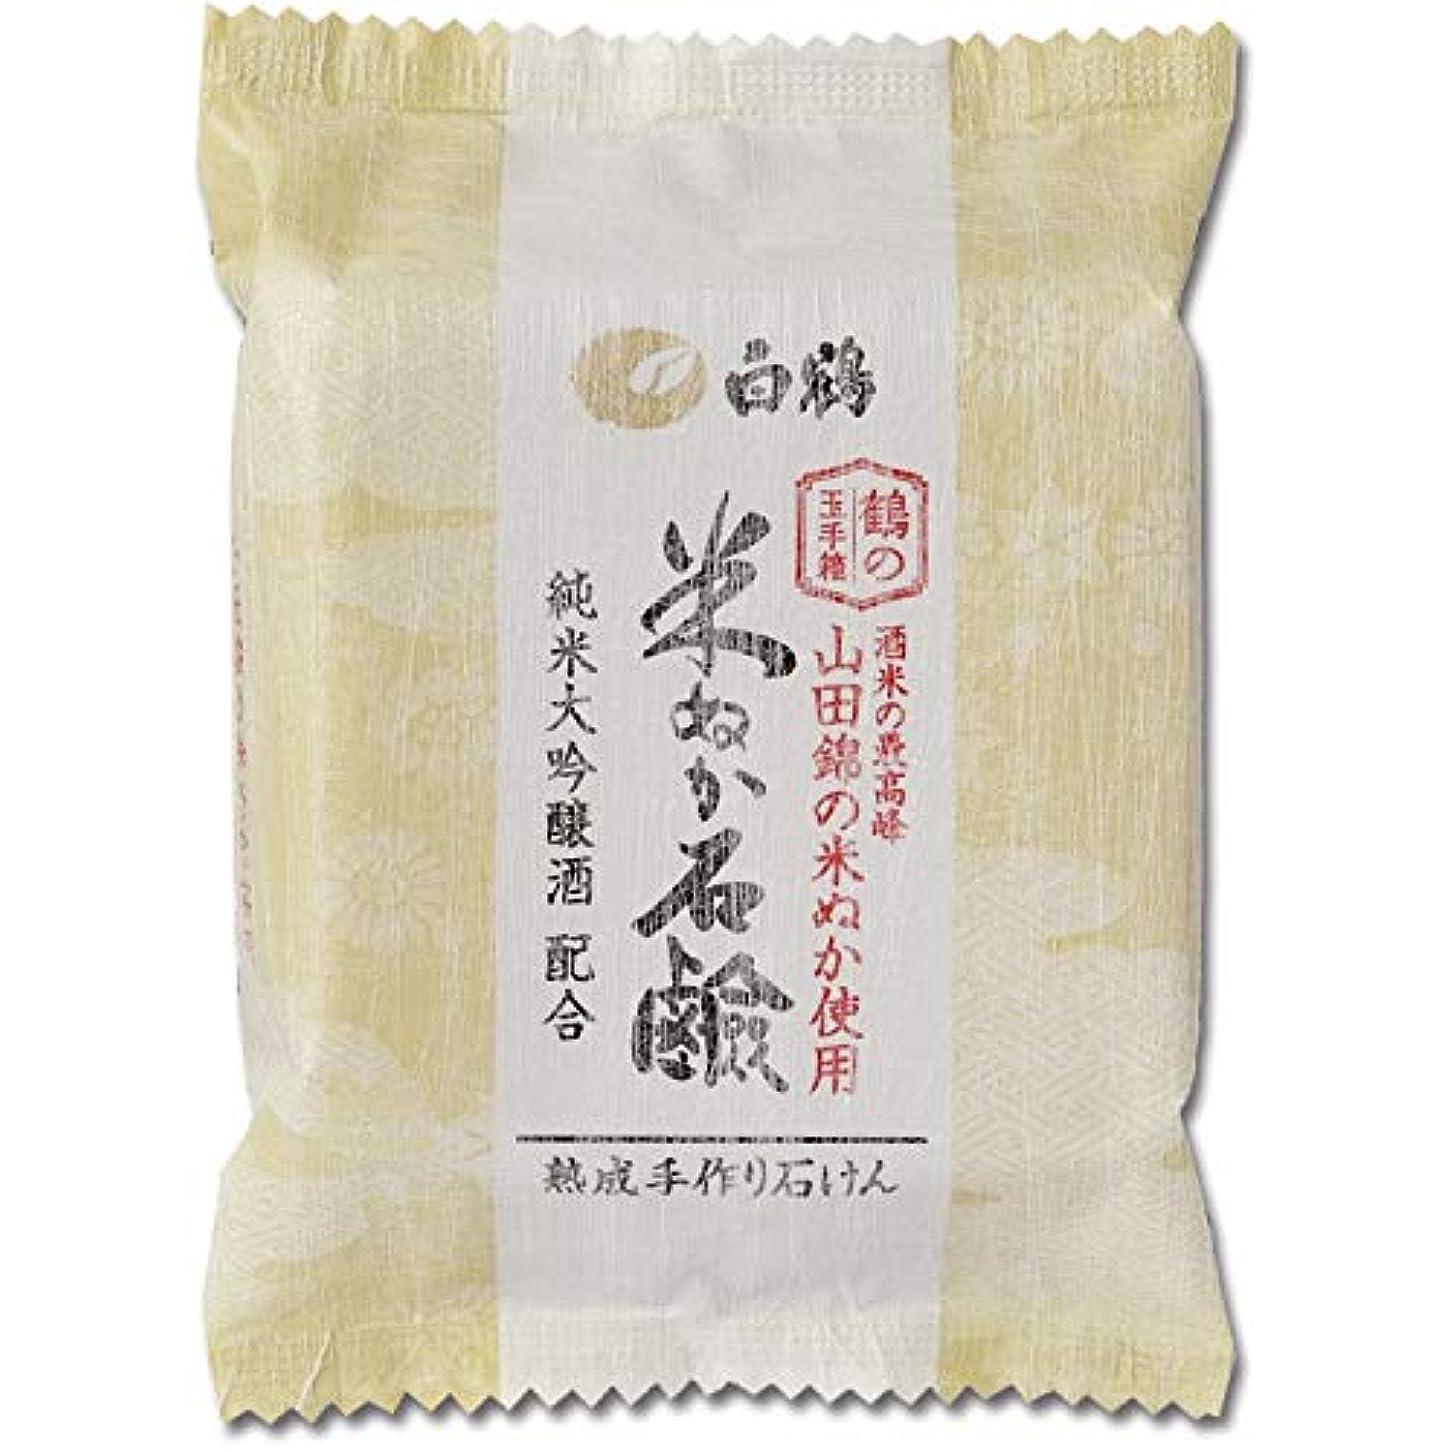 ブラジャーほぼ統治可能白鶴 鶴の玉手箱 米ぬか石けん 100g (全身用石鹸)